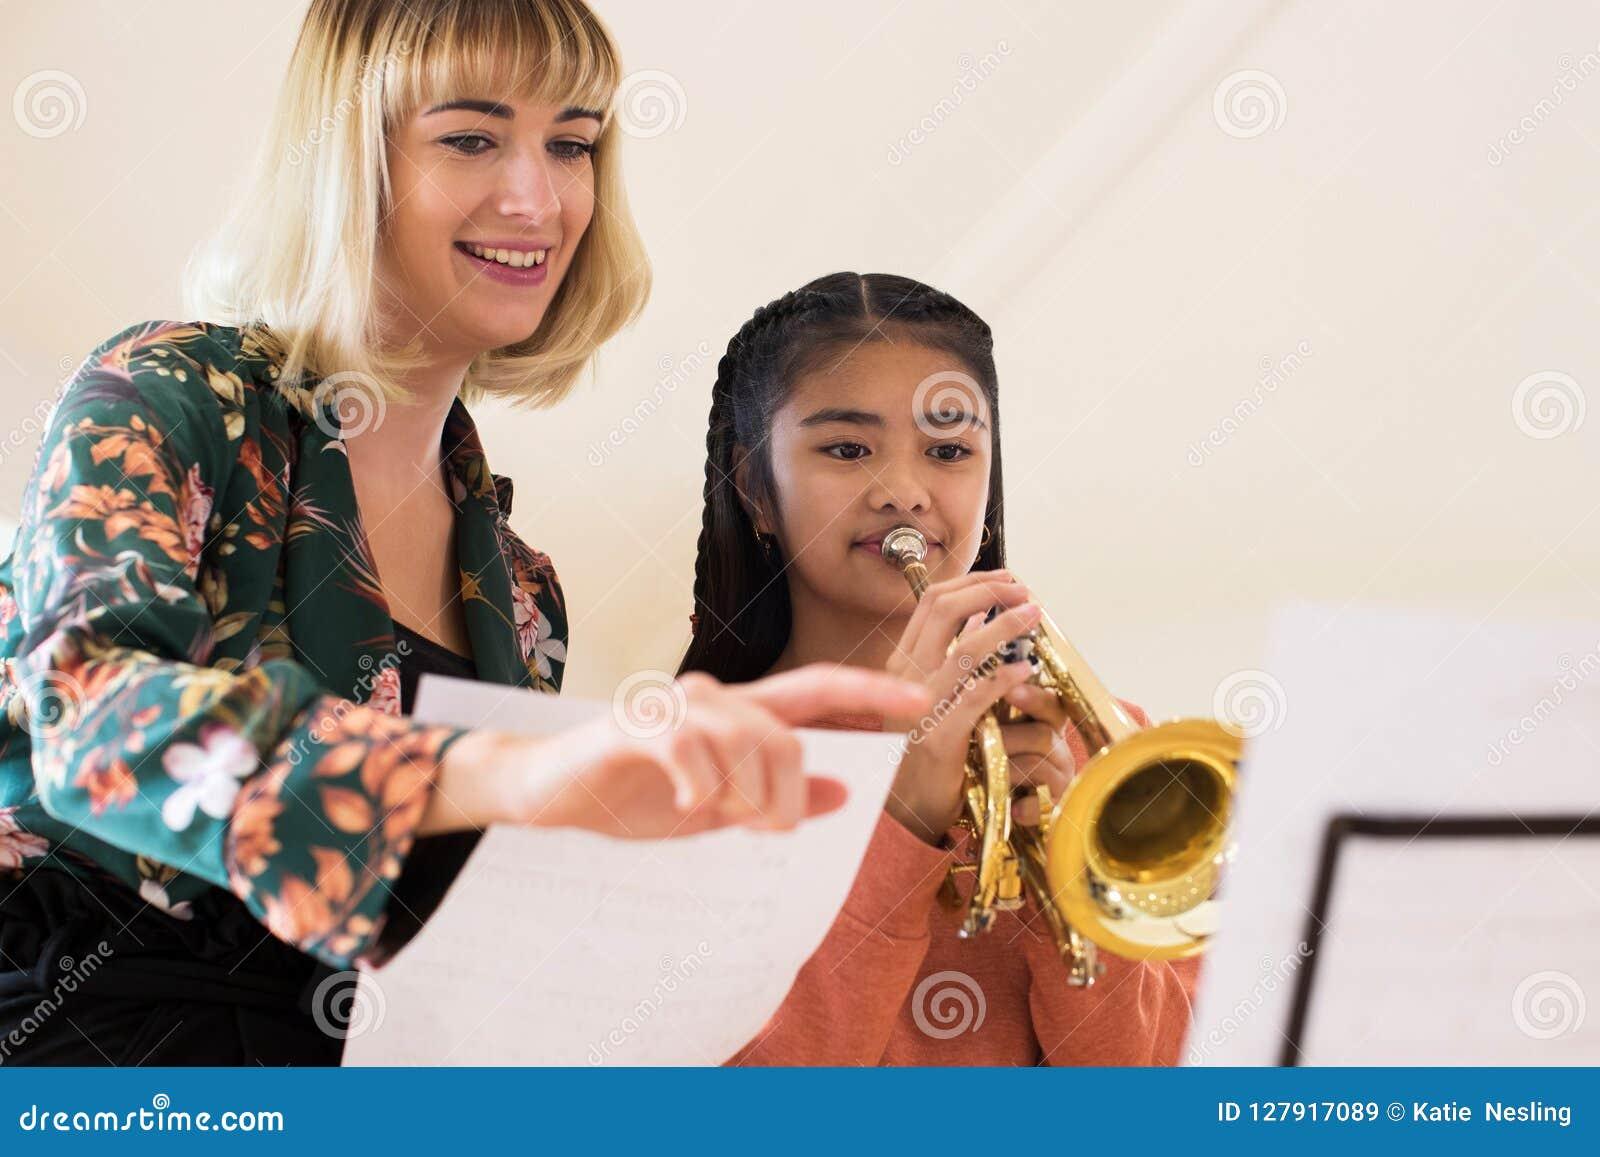 Professeur Helping Female Student pour jouer la trompette dans la leçon de musique